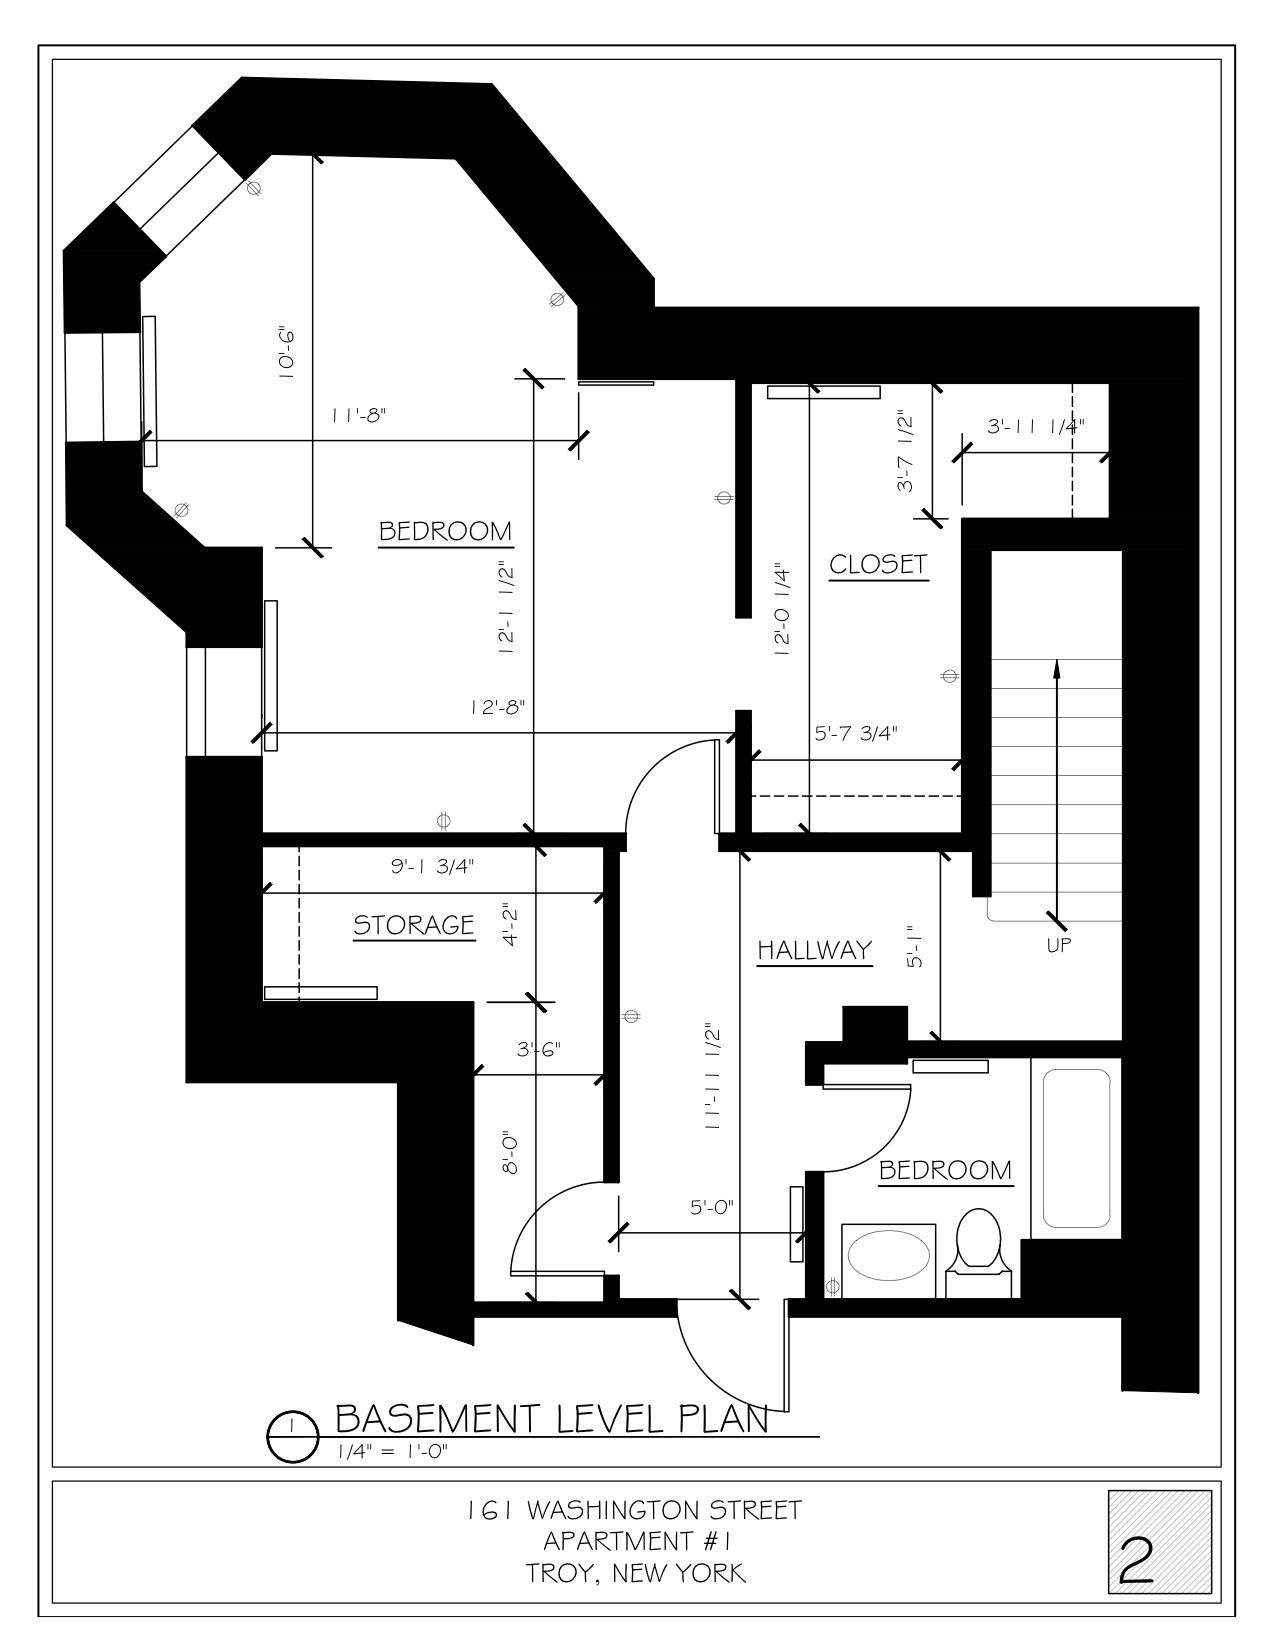 161#1 Floorplan Arch Bsmt.jpg